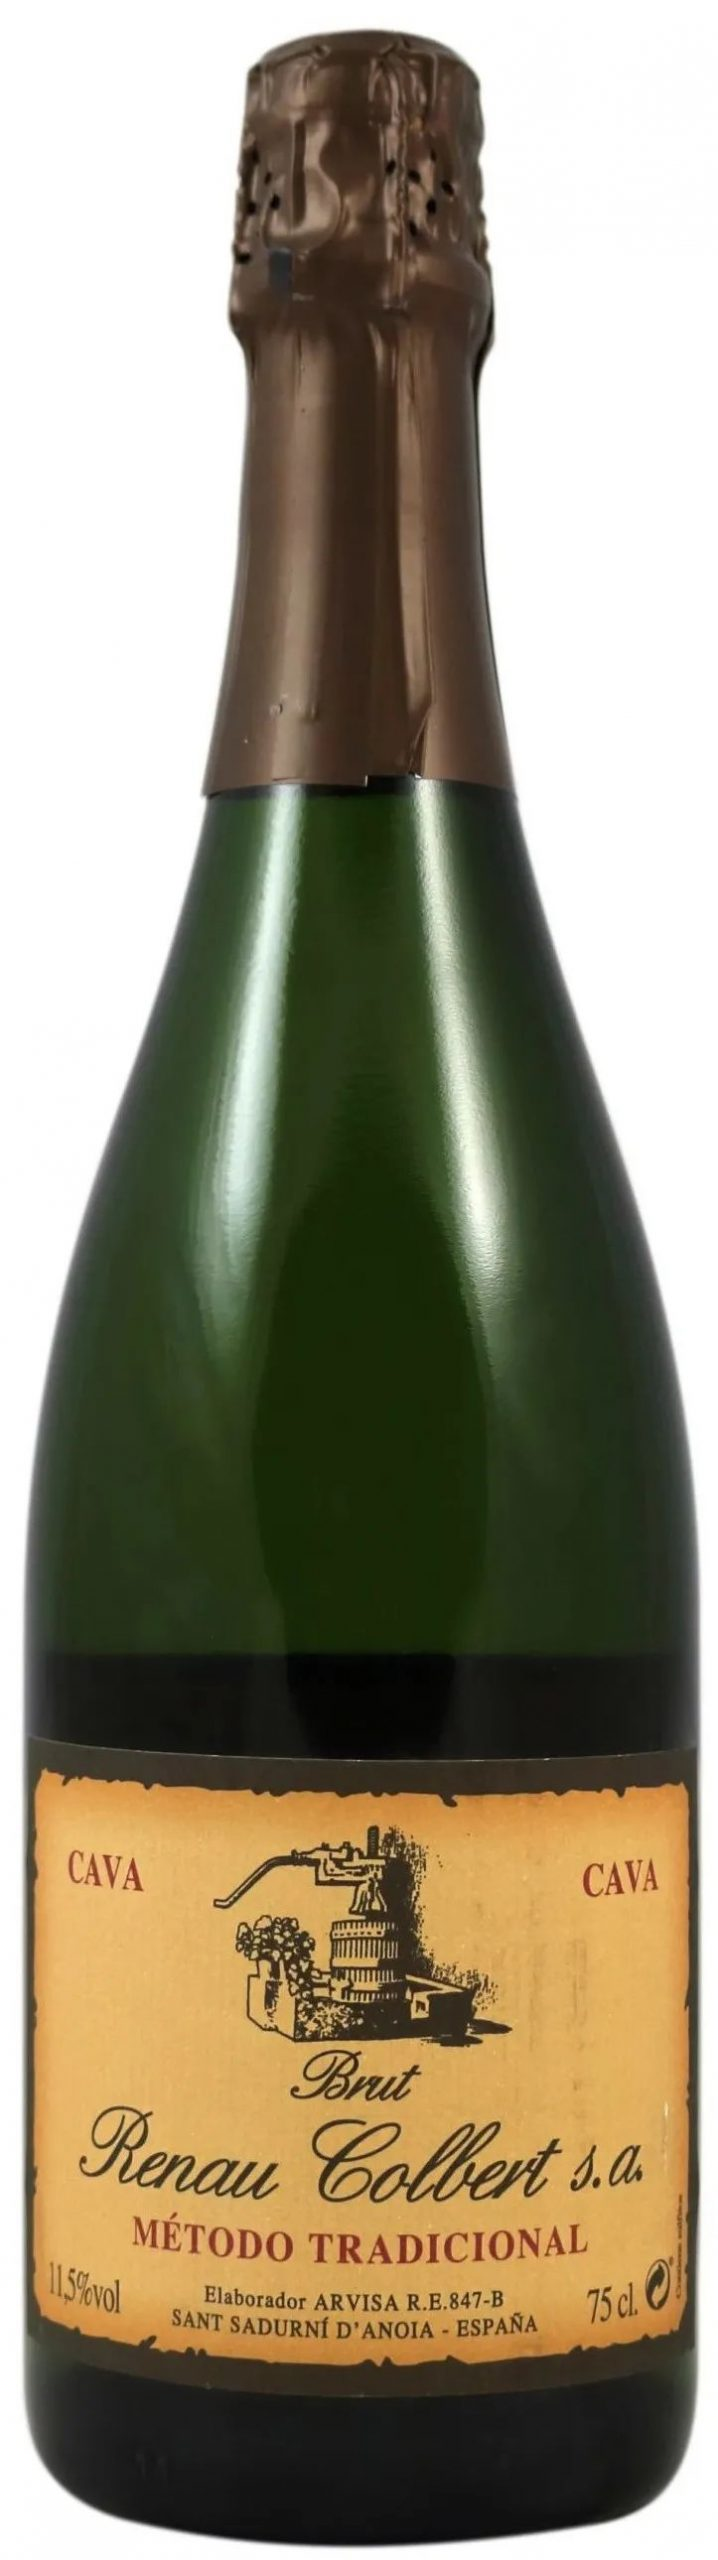 上海 西班牙奶酪配美酒品鉴会,你试过贵腐搭配蓝纹奶酪吗?